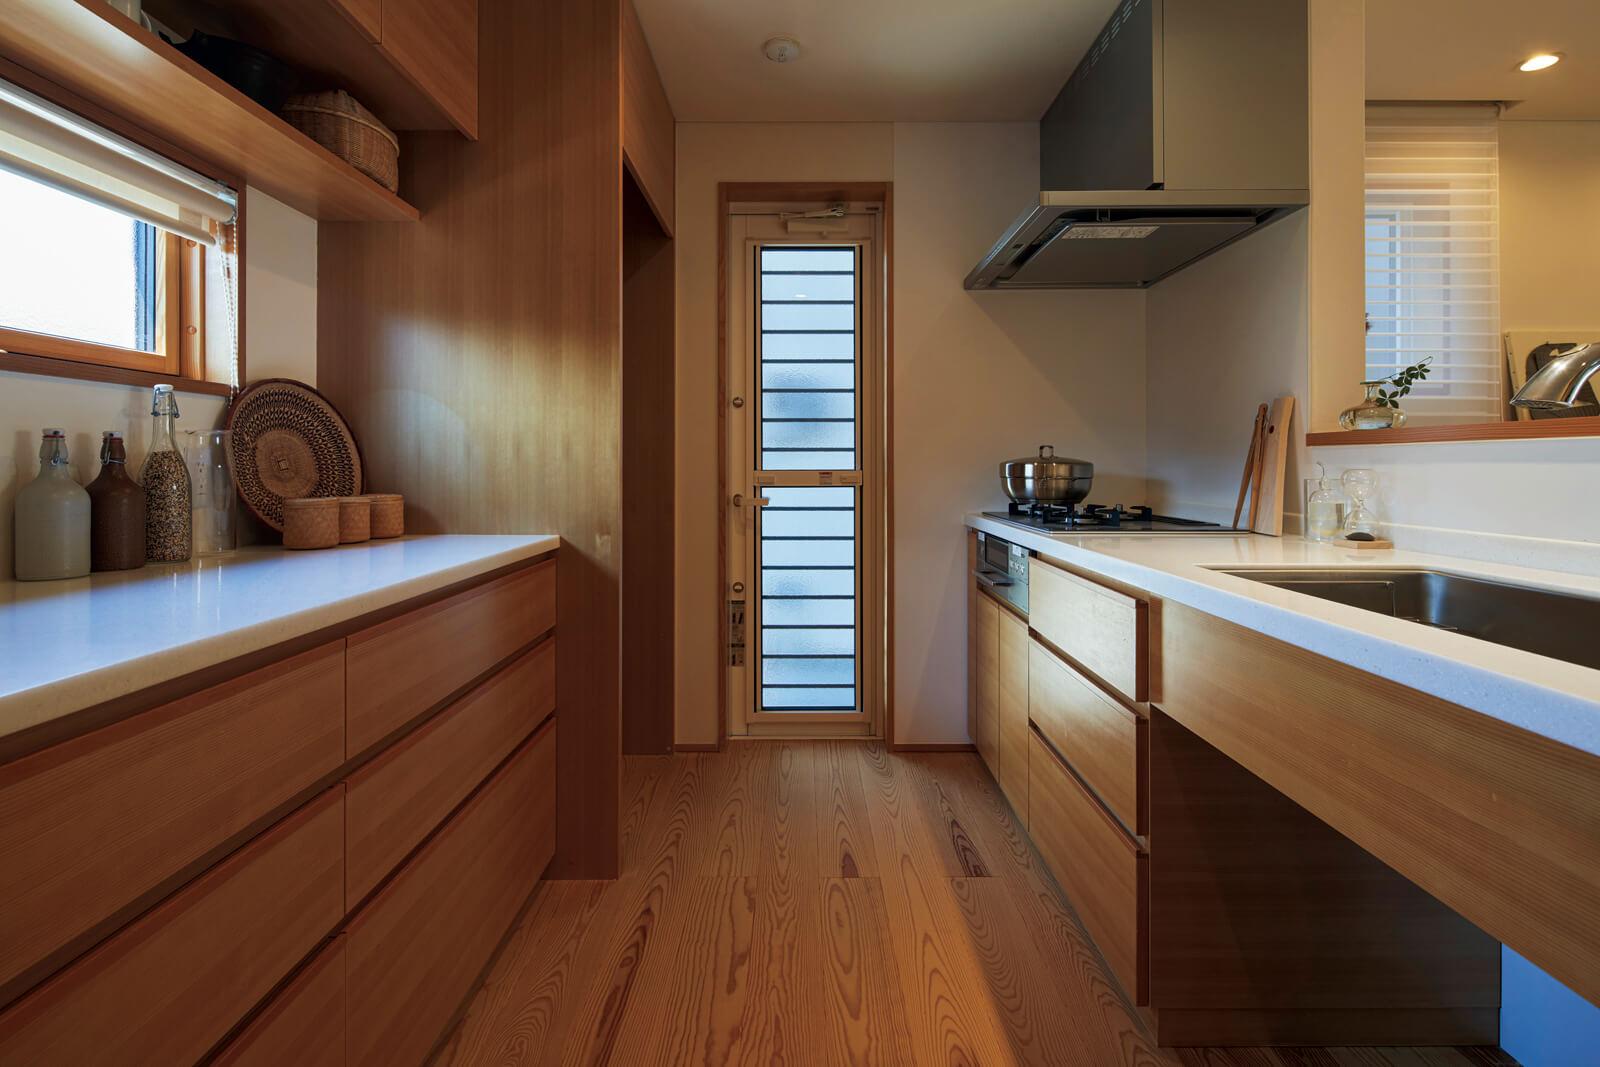 面材にはスプルース材、カウンターにはピーラー材と、木目が美しいマツ科の素材で造作されたキッチン